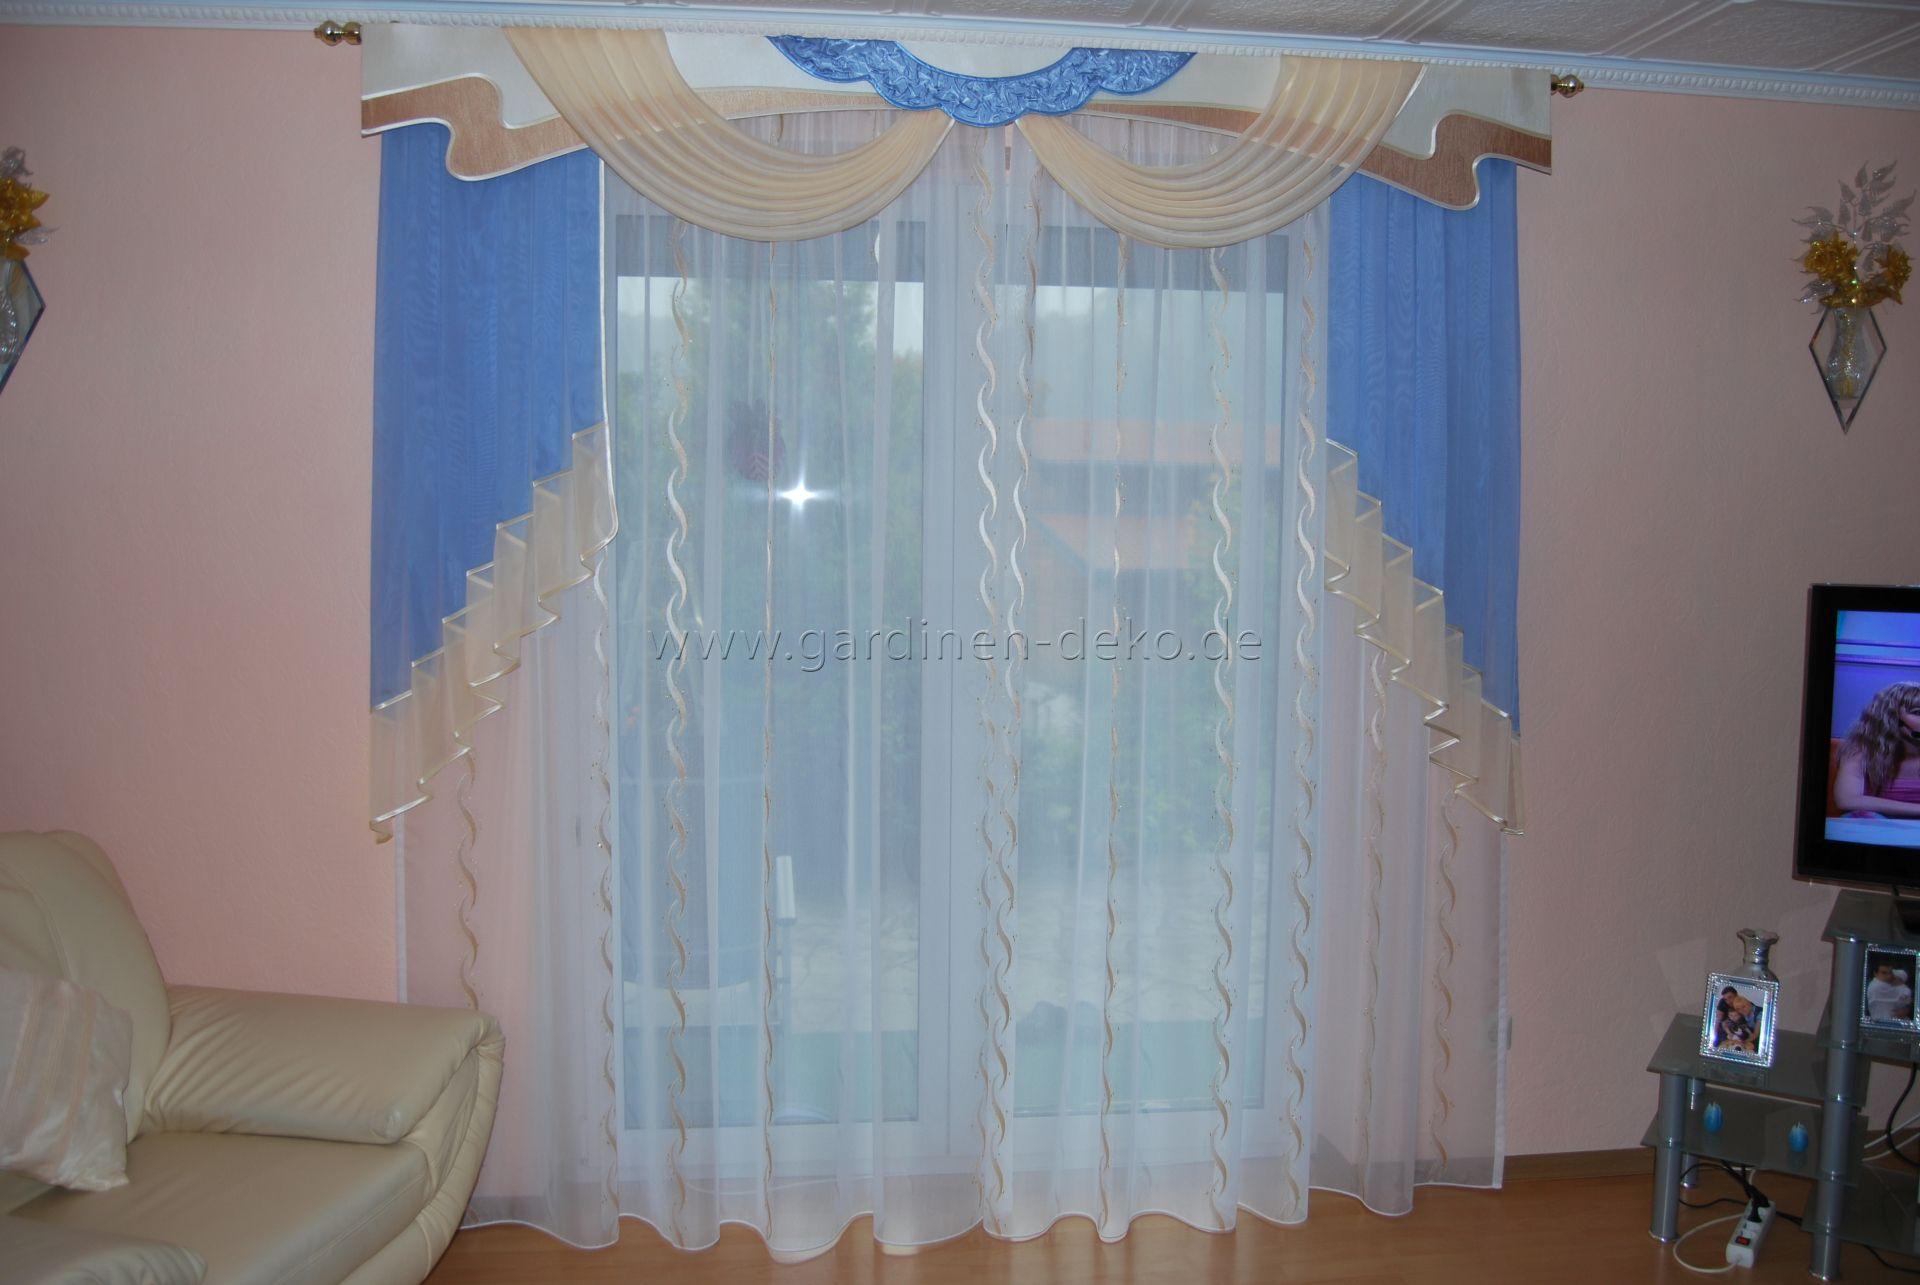 klassischer wohnzimmer vorhang in sch246ner beigeblauer